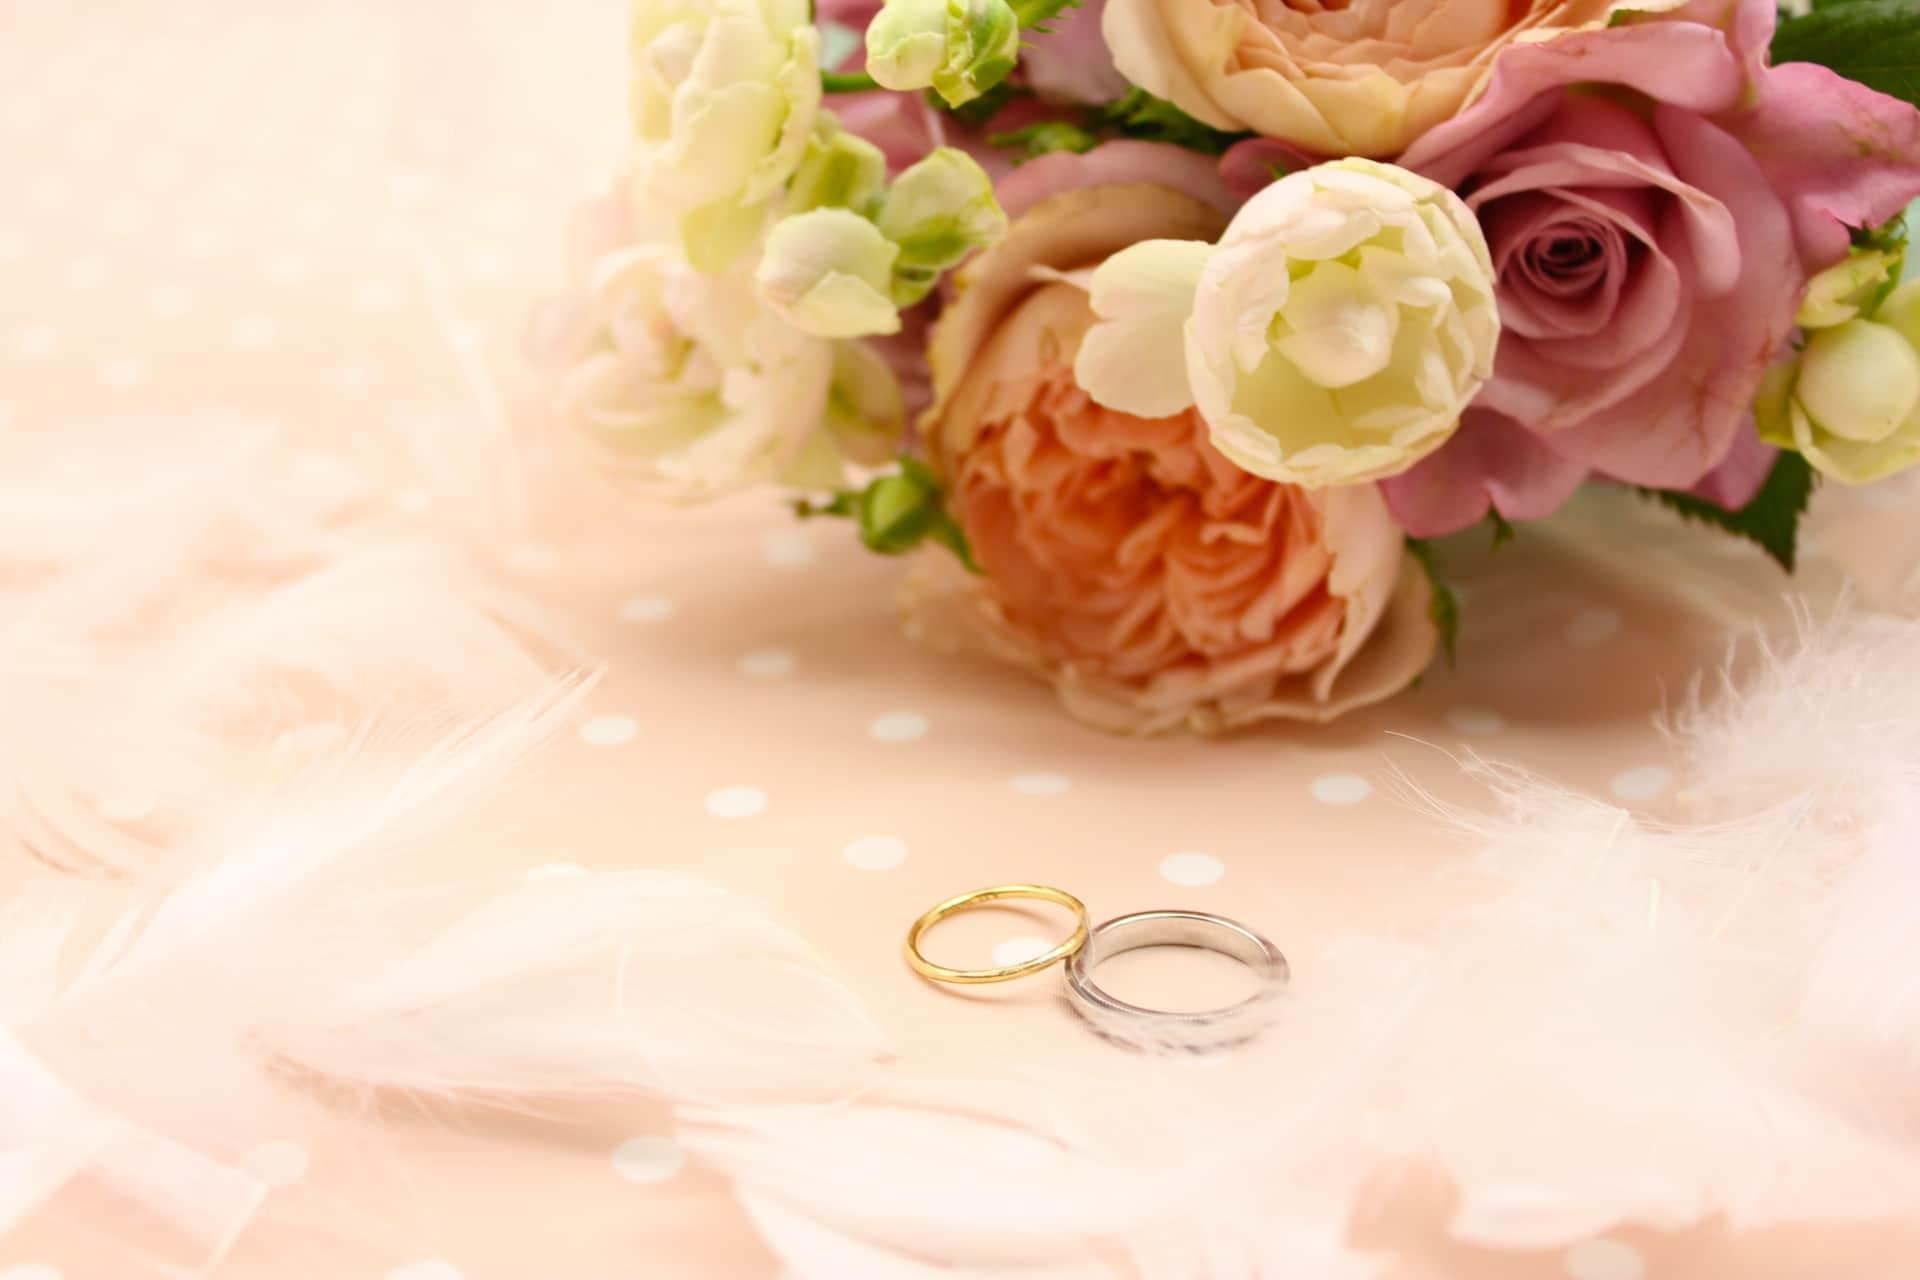 桐谷美玲の結婚指輪の値段とブランドは?三浦翔平と趣味が違いすぎる!